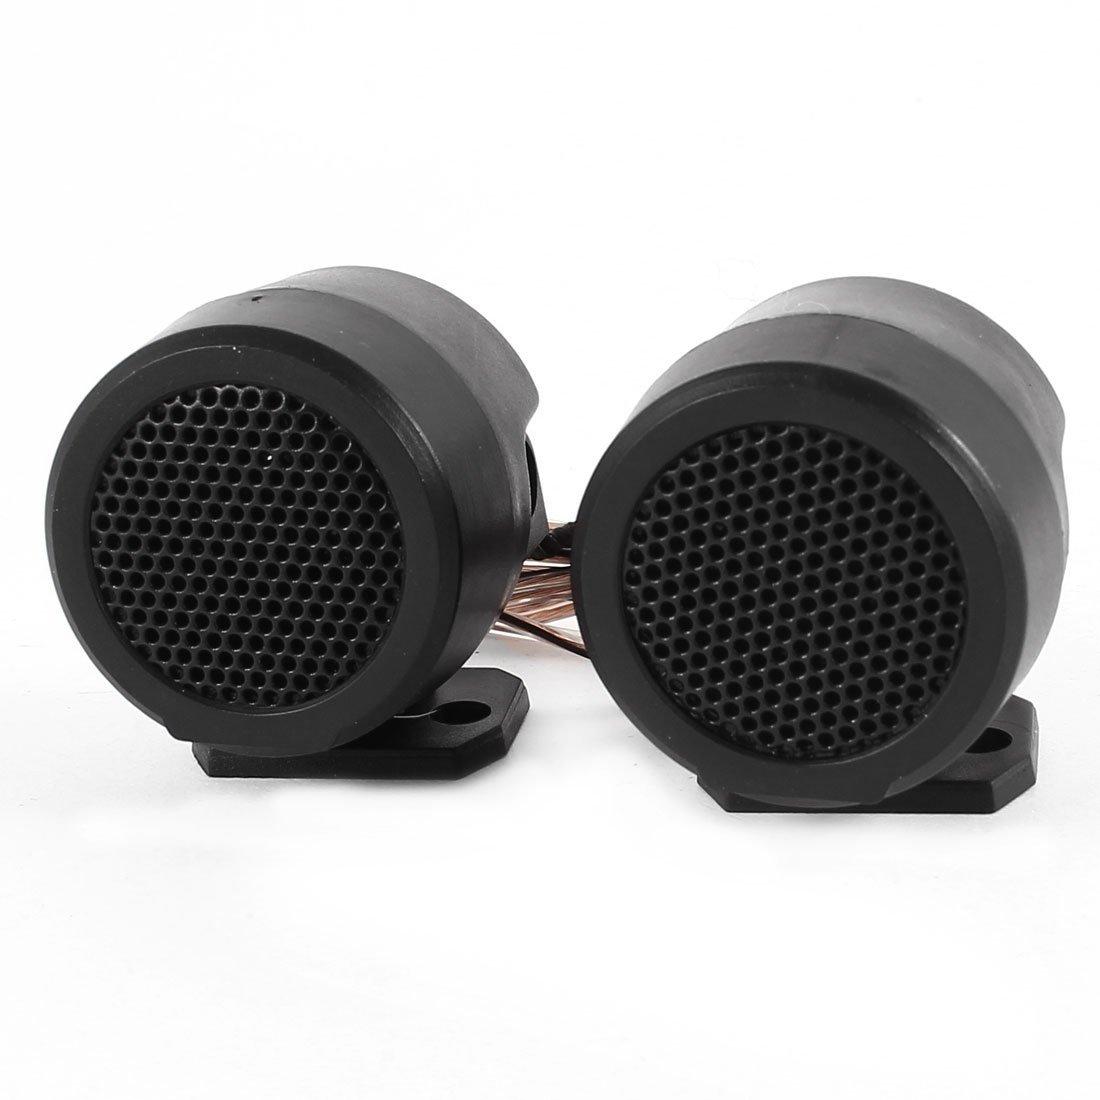 sourcingmap® voiture noir Audio bruyant Speaker dôme haut-parleurs 500 Watts 5KHz-20KHz 2 Pcs sourcing map a14052000ux0610